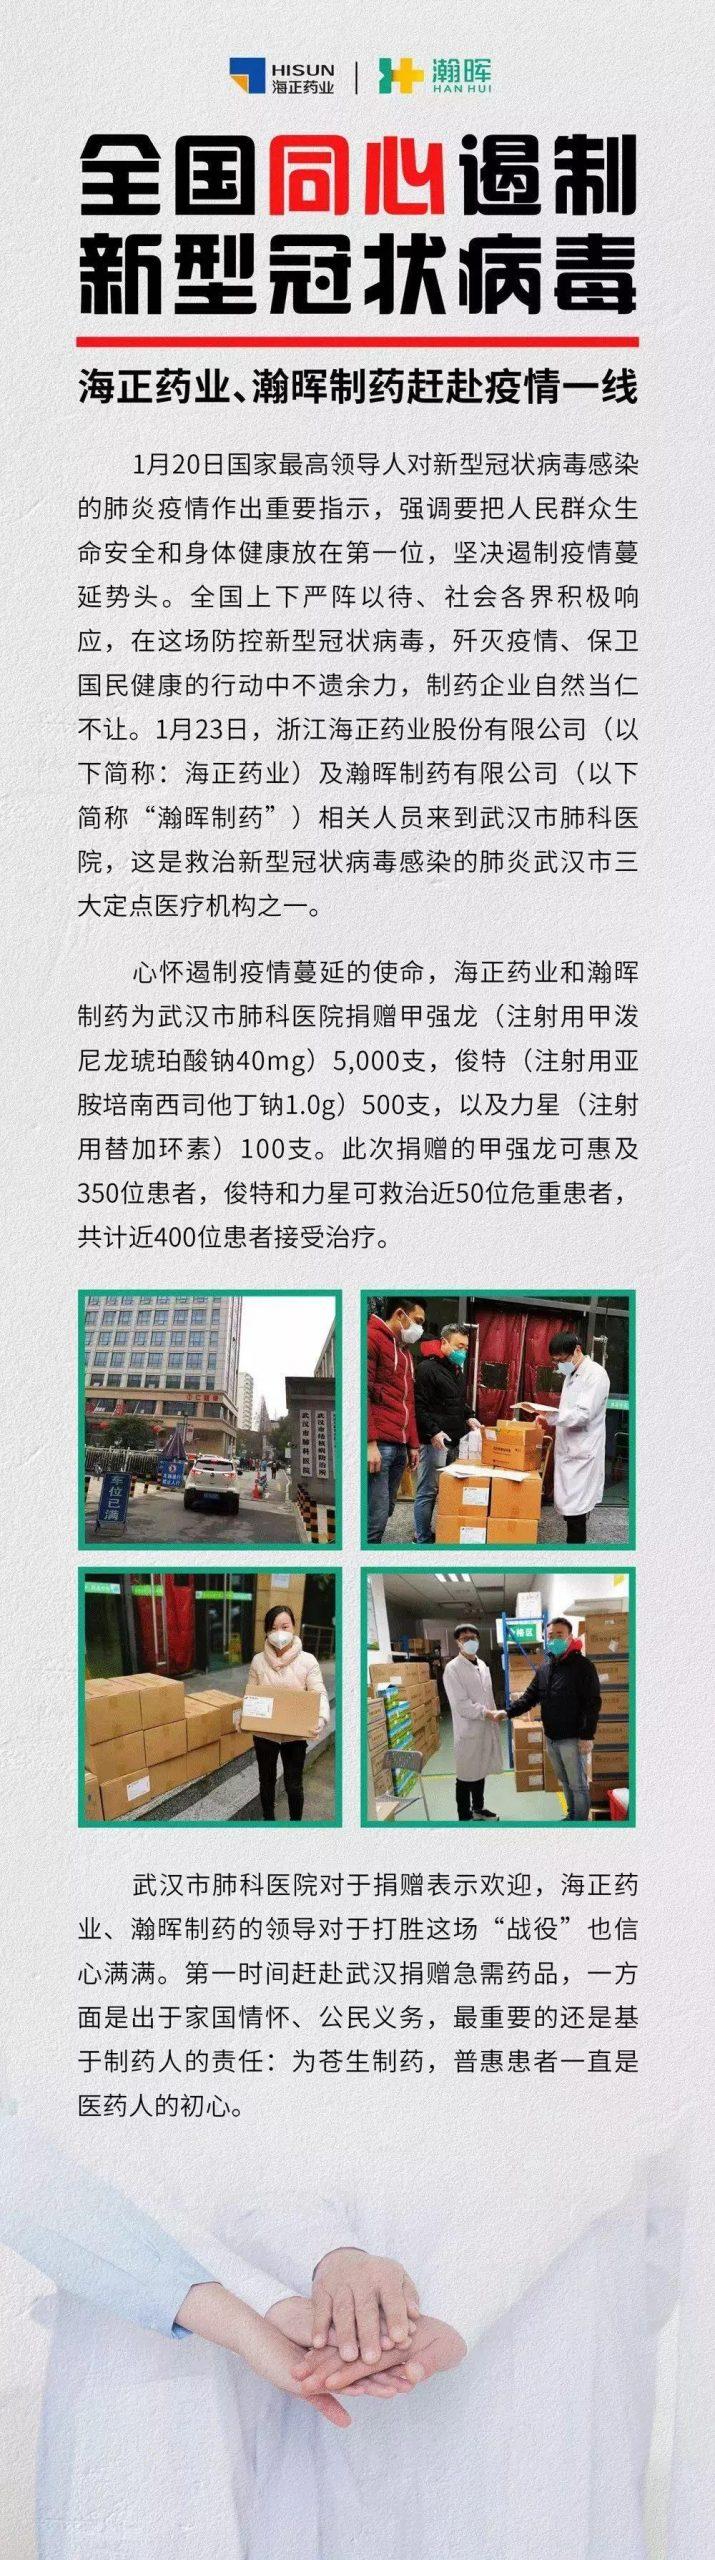 武汉不孤单 恒瑞、豪森、信达、再鼎、君实、高瓴资本等众多中国企业在支援!(更新版)